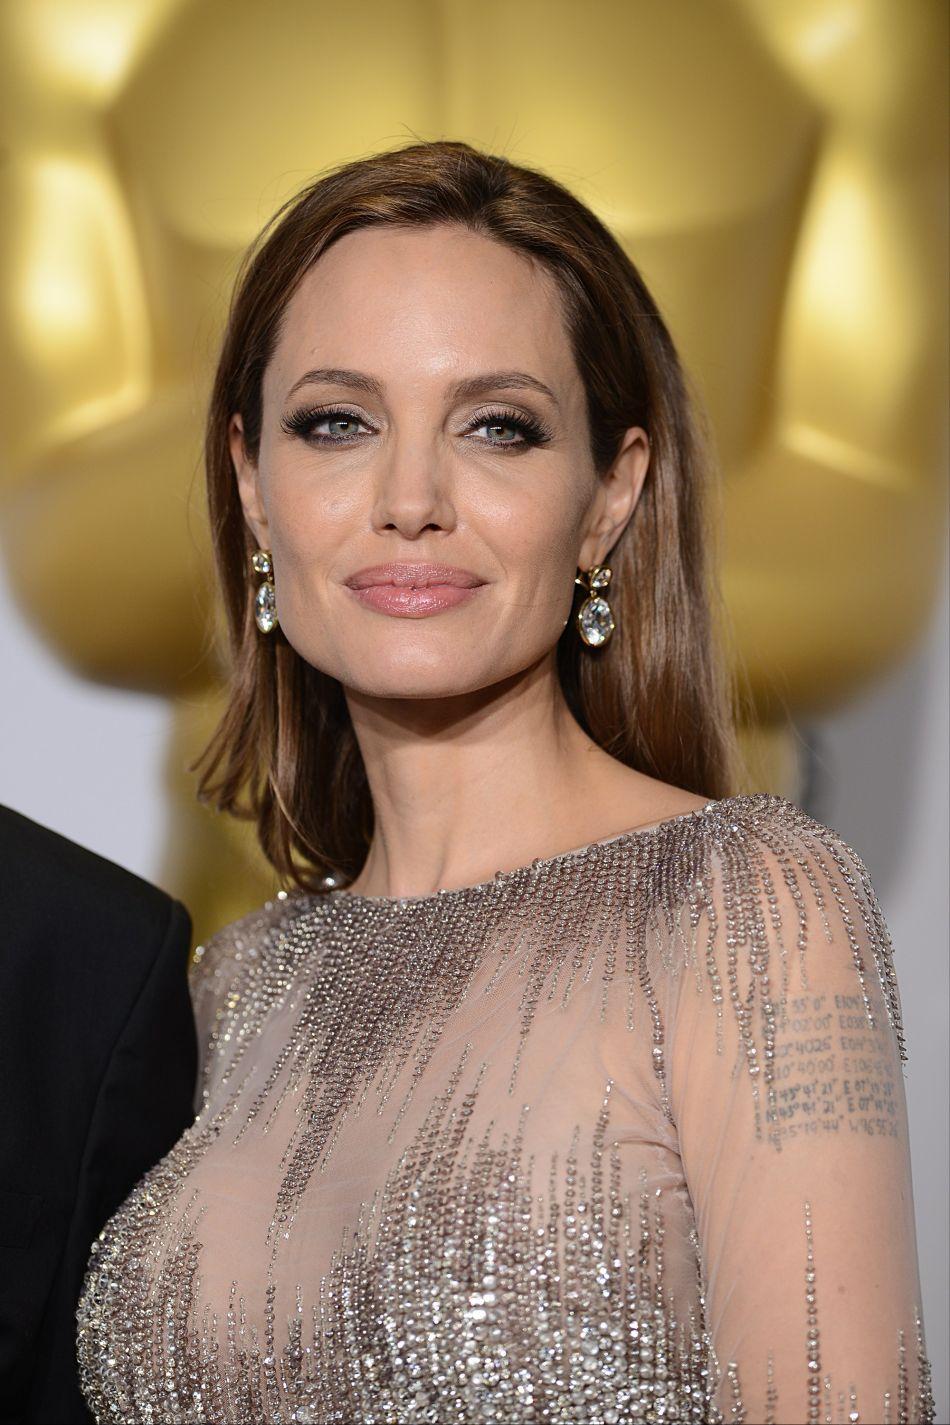 L'actrice apparaît dans une vidéo pour dénoncer les violences faites aux enfants dans le monde.